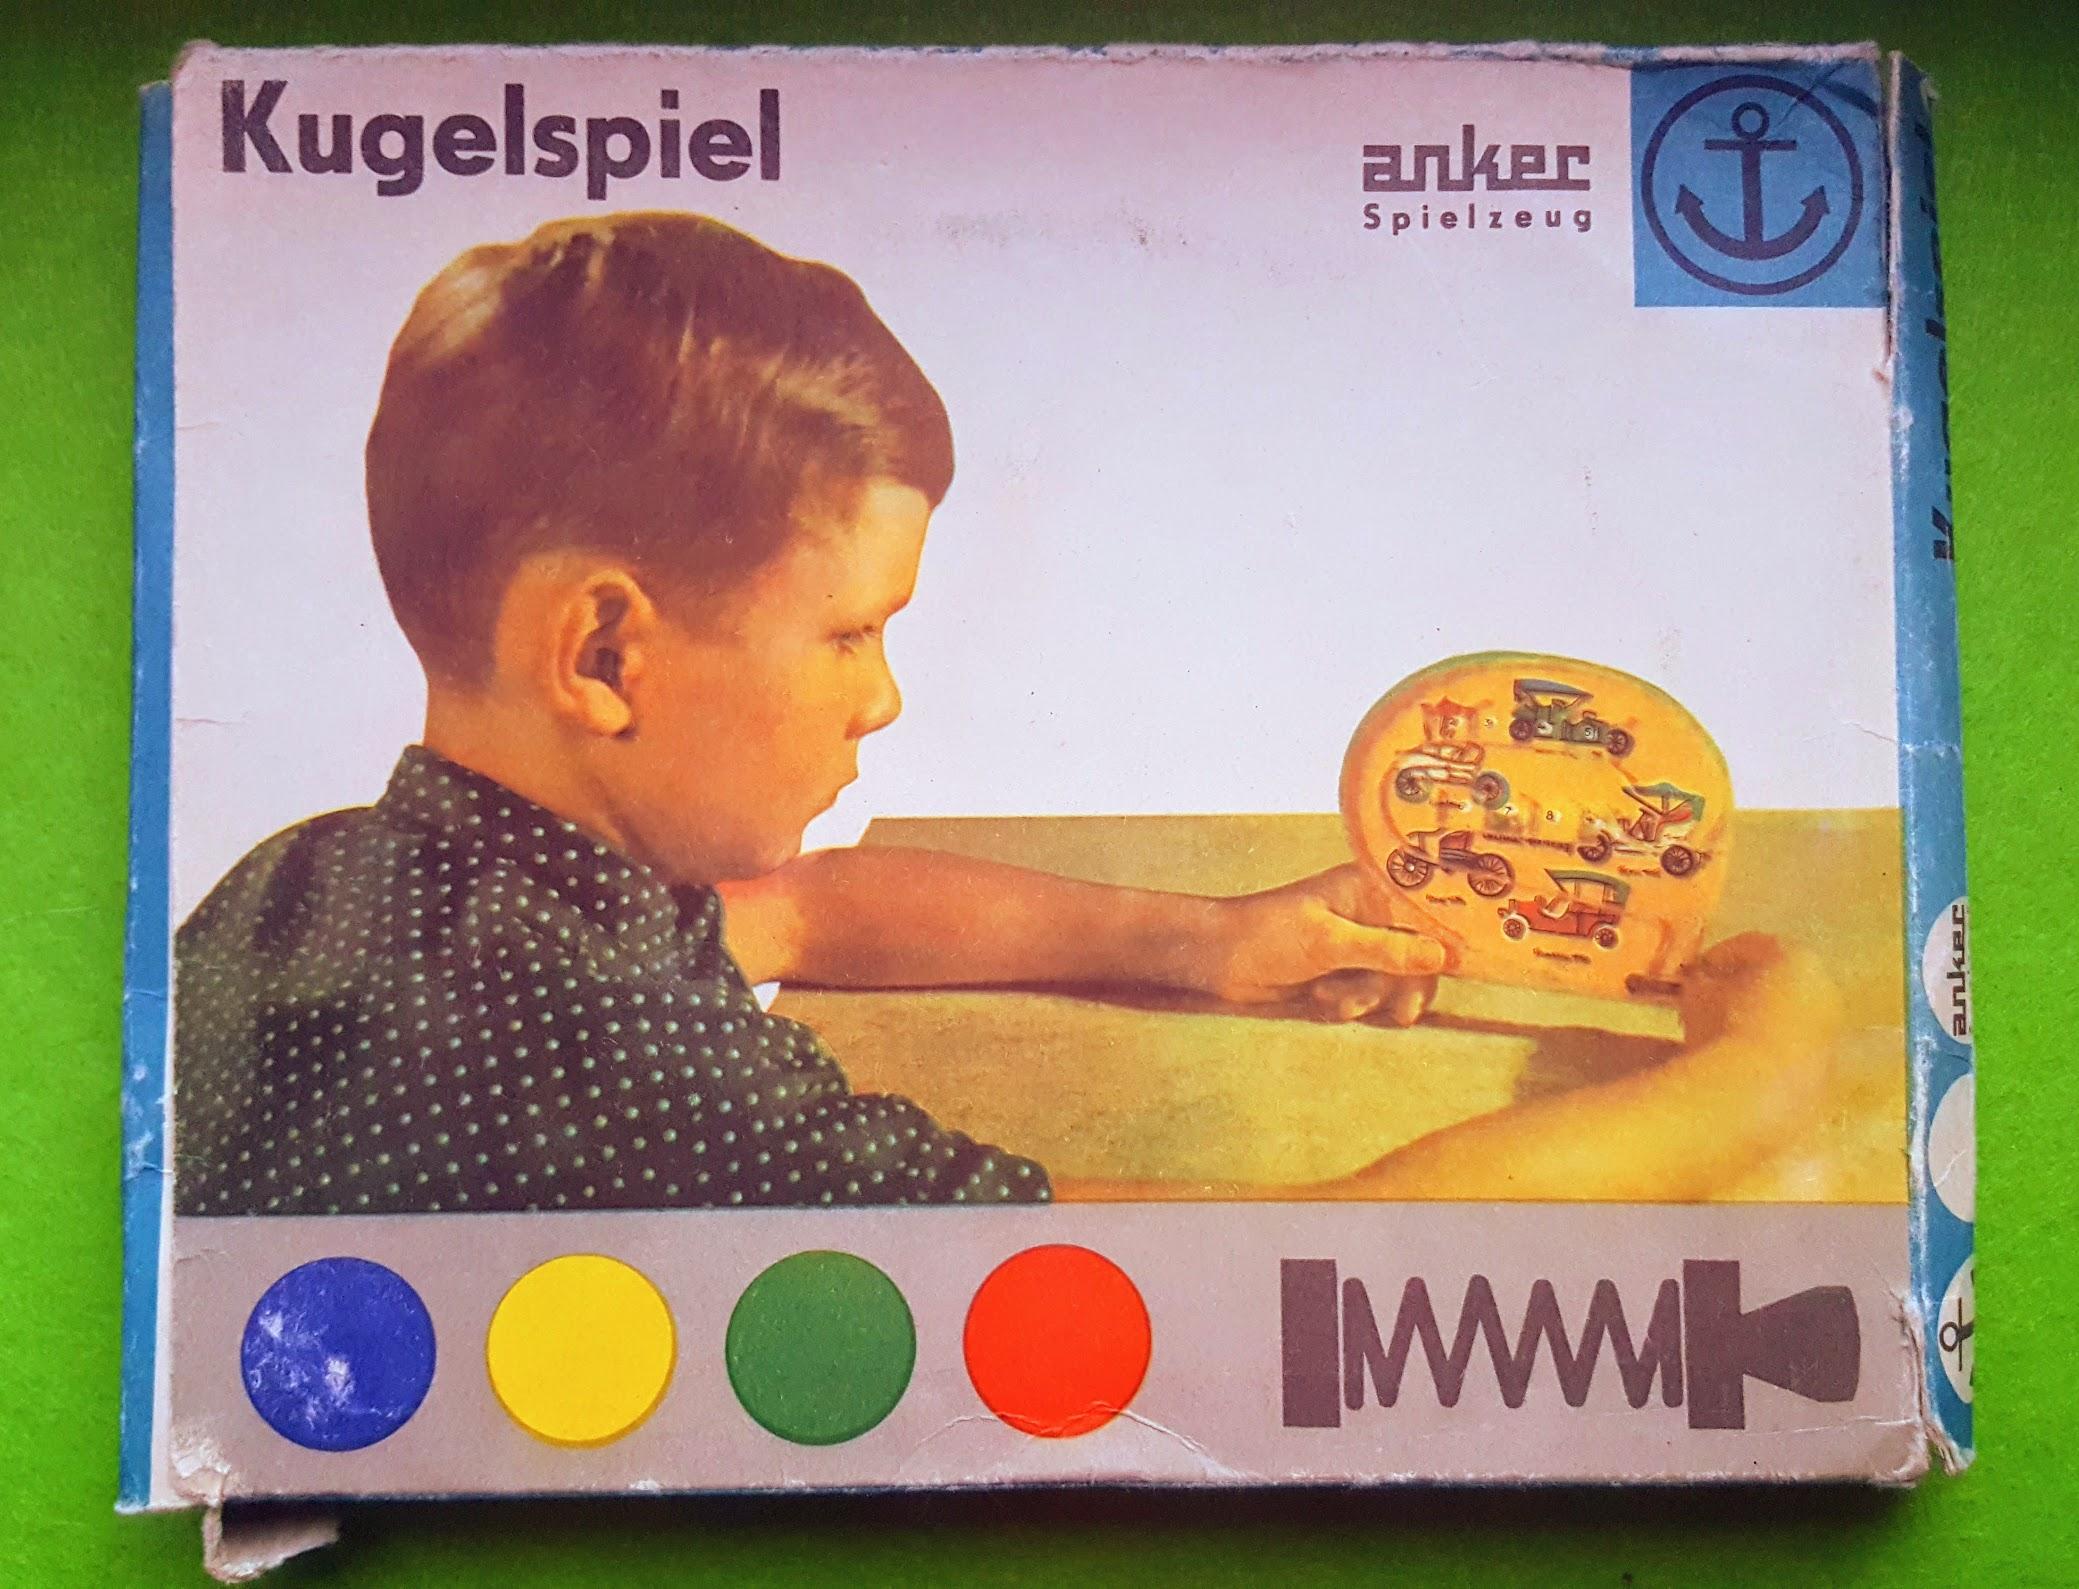 Schnipps-Kugelspiel - Anker